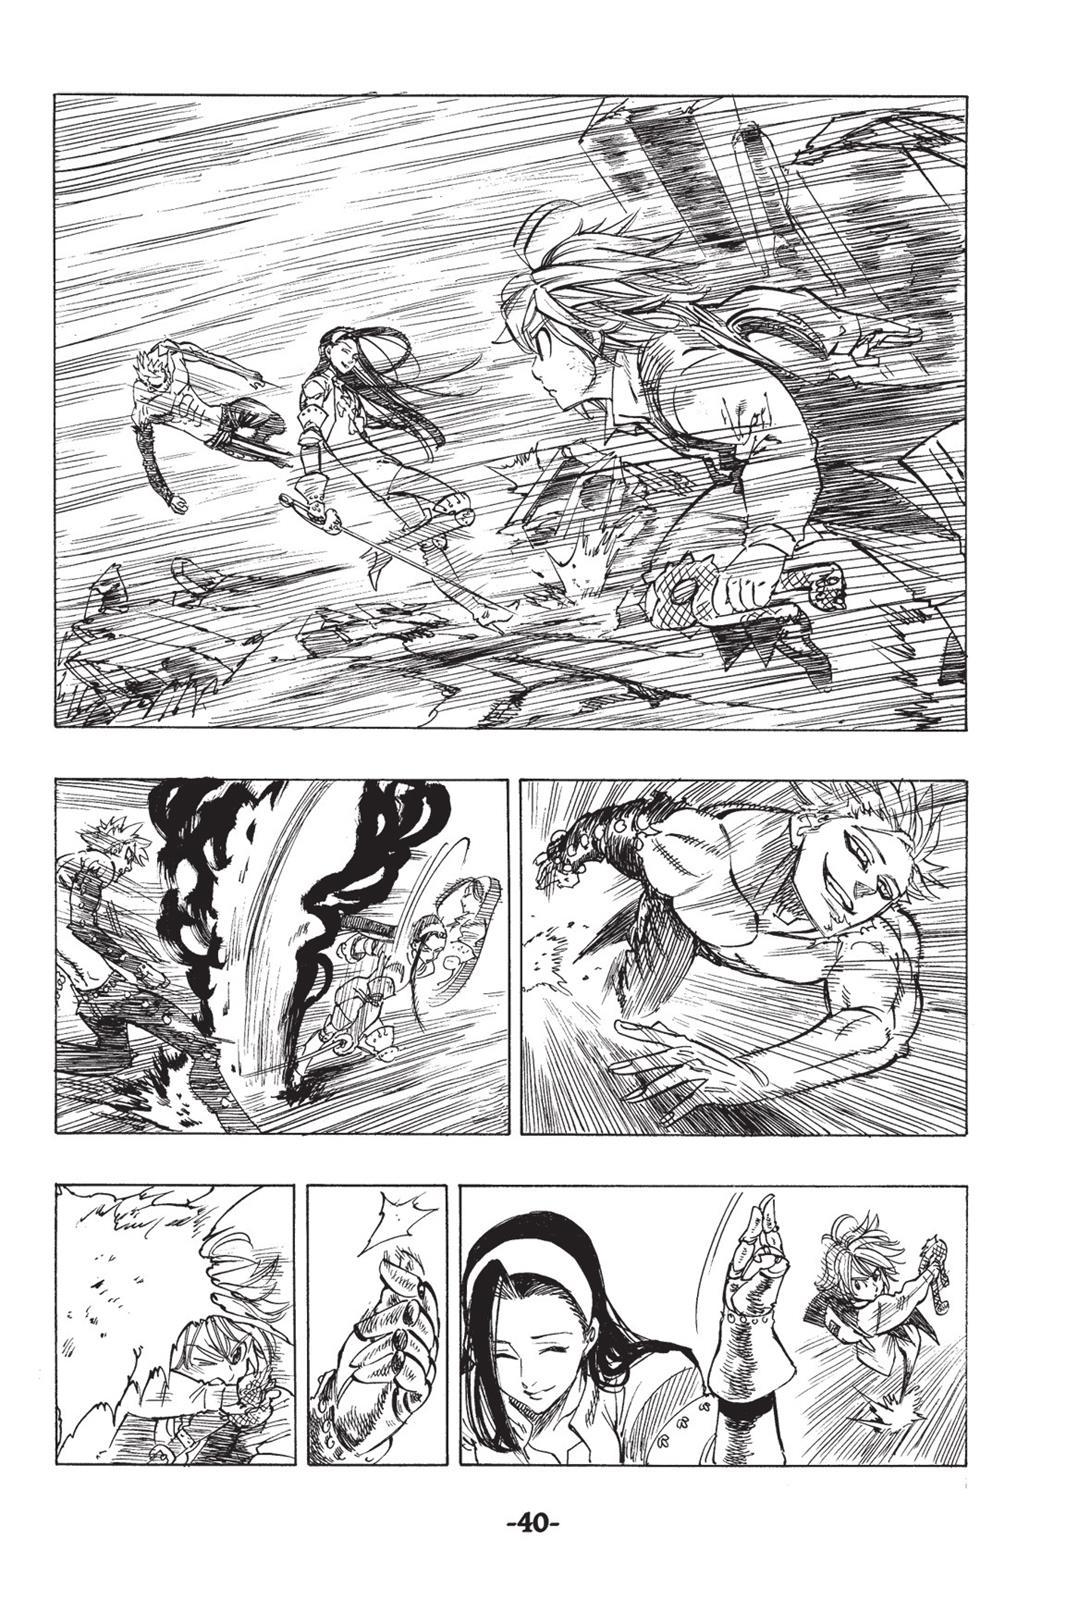 Nanatsu no Taizai Chapter 24 | Read Nanatsu no Taizai / 7